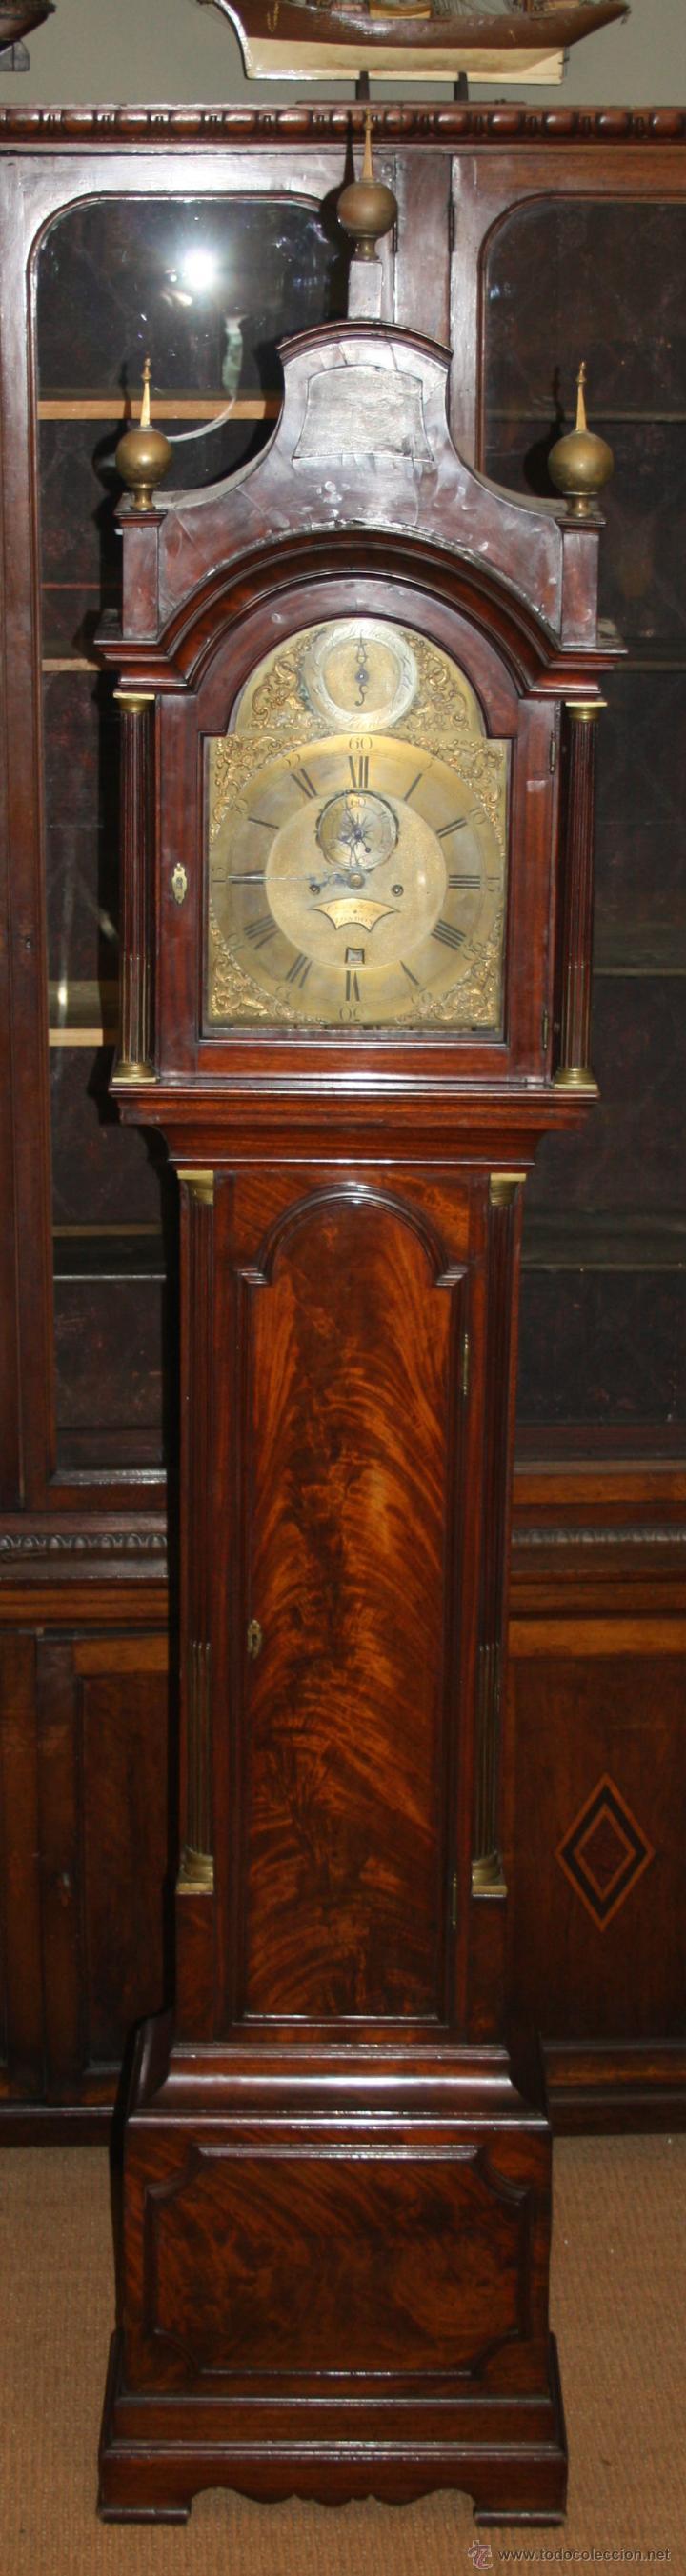 RELOJ DE PIE - CHARLES HOWSE LONDON - MADERA DE CAOBA - SIGLO XVIII (Relojes - Pie Carga Manual)